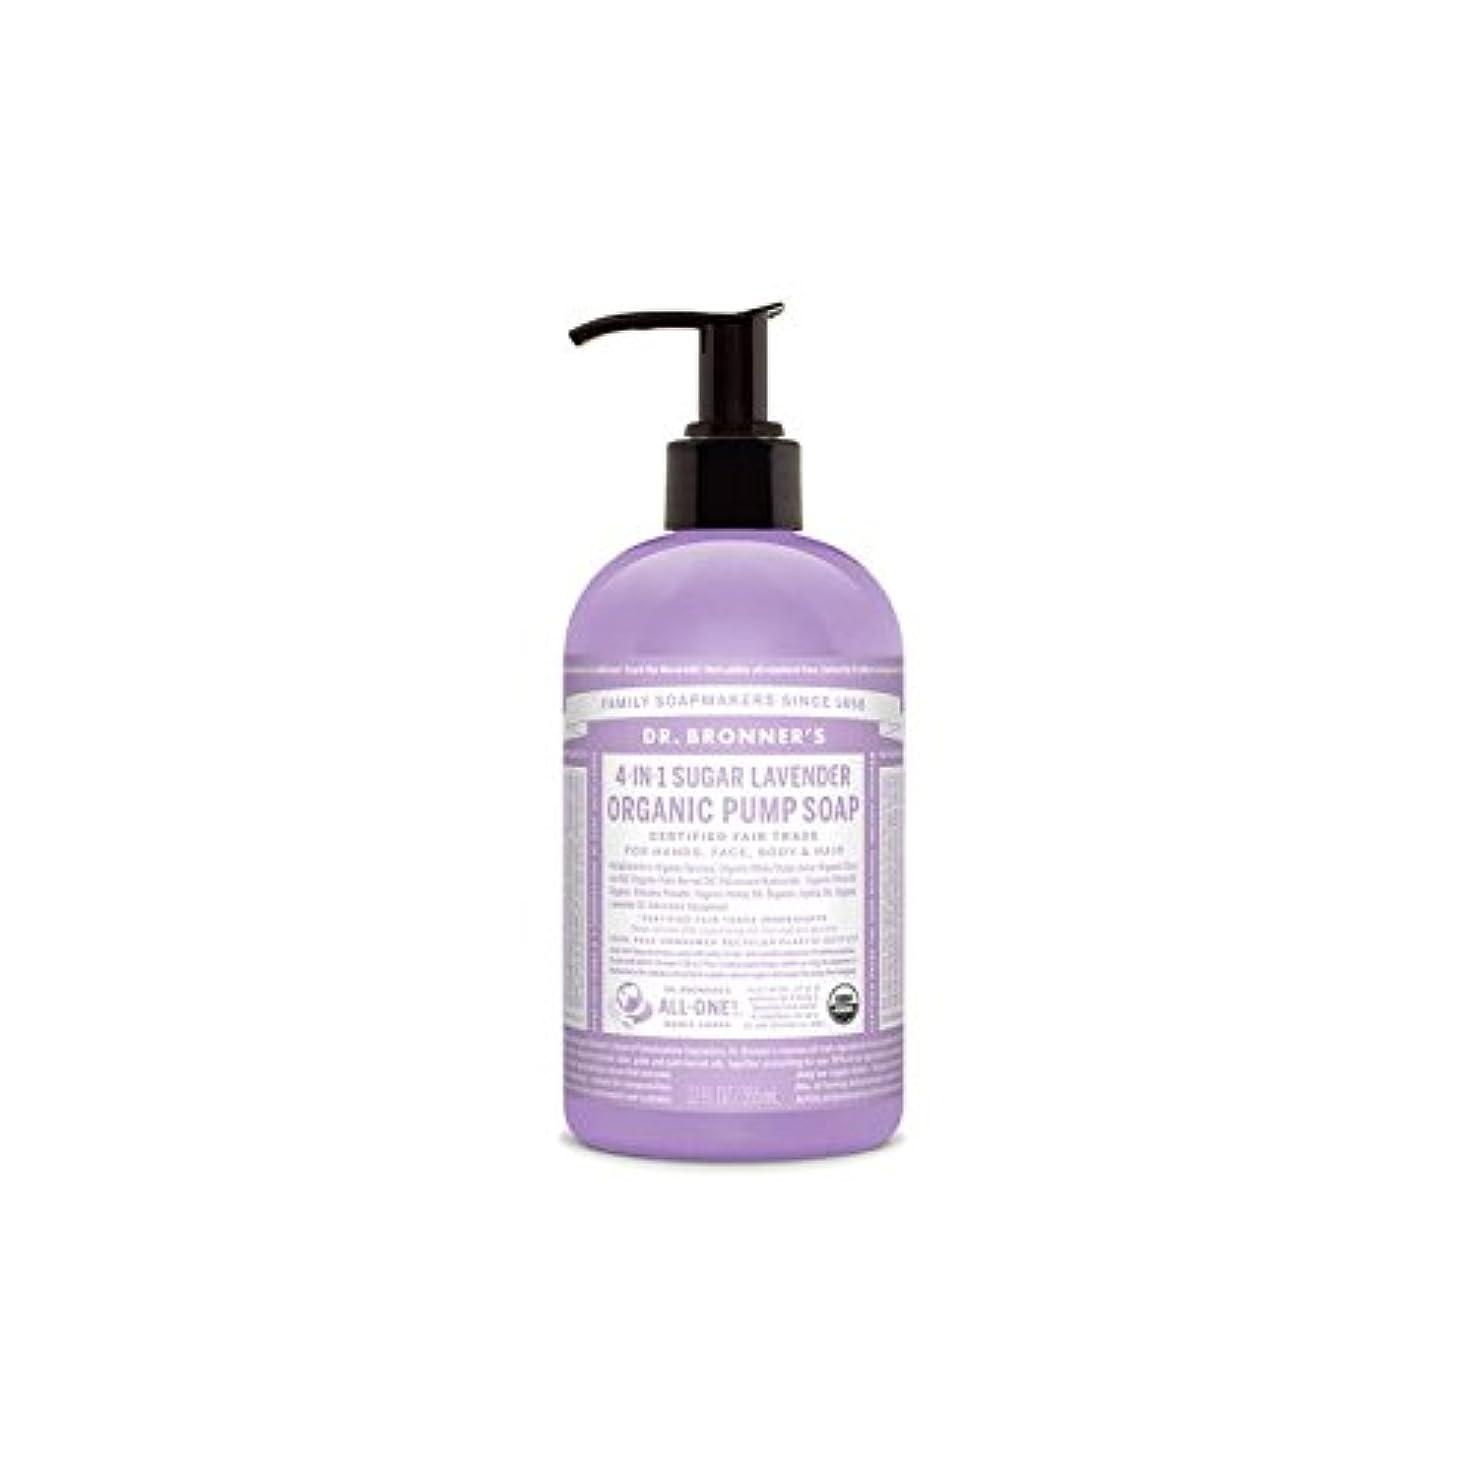 炭素お香聖人ブロナー有機ラベンダーハンドソープ(355ミリリットル) x2 - Dr. Bronner Organic Shikakai Lavender Hand Soap (355ml) (Pack of 2) [並行輸入品]